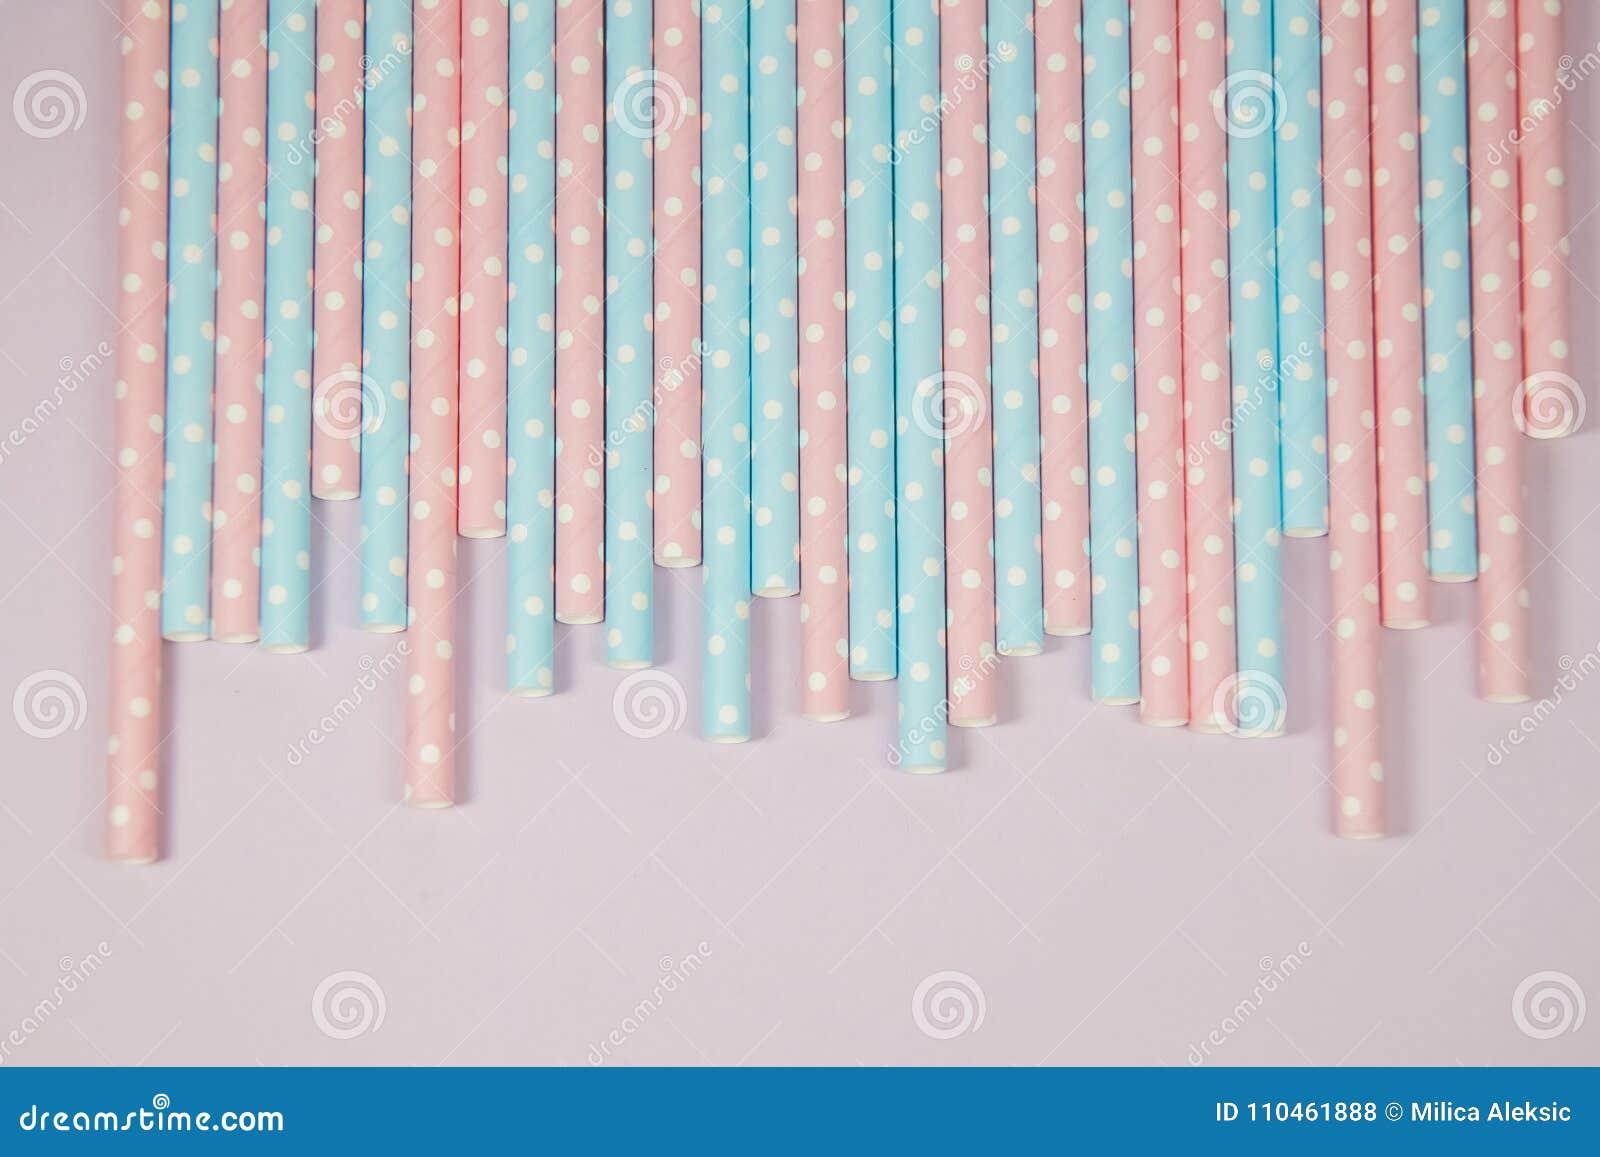 Rosa färg- och blåttpricksugrör på den rosa bakgrunden